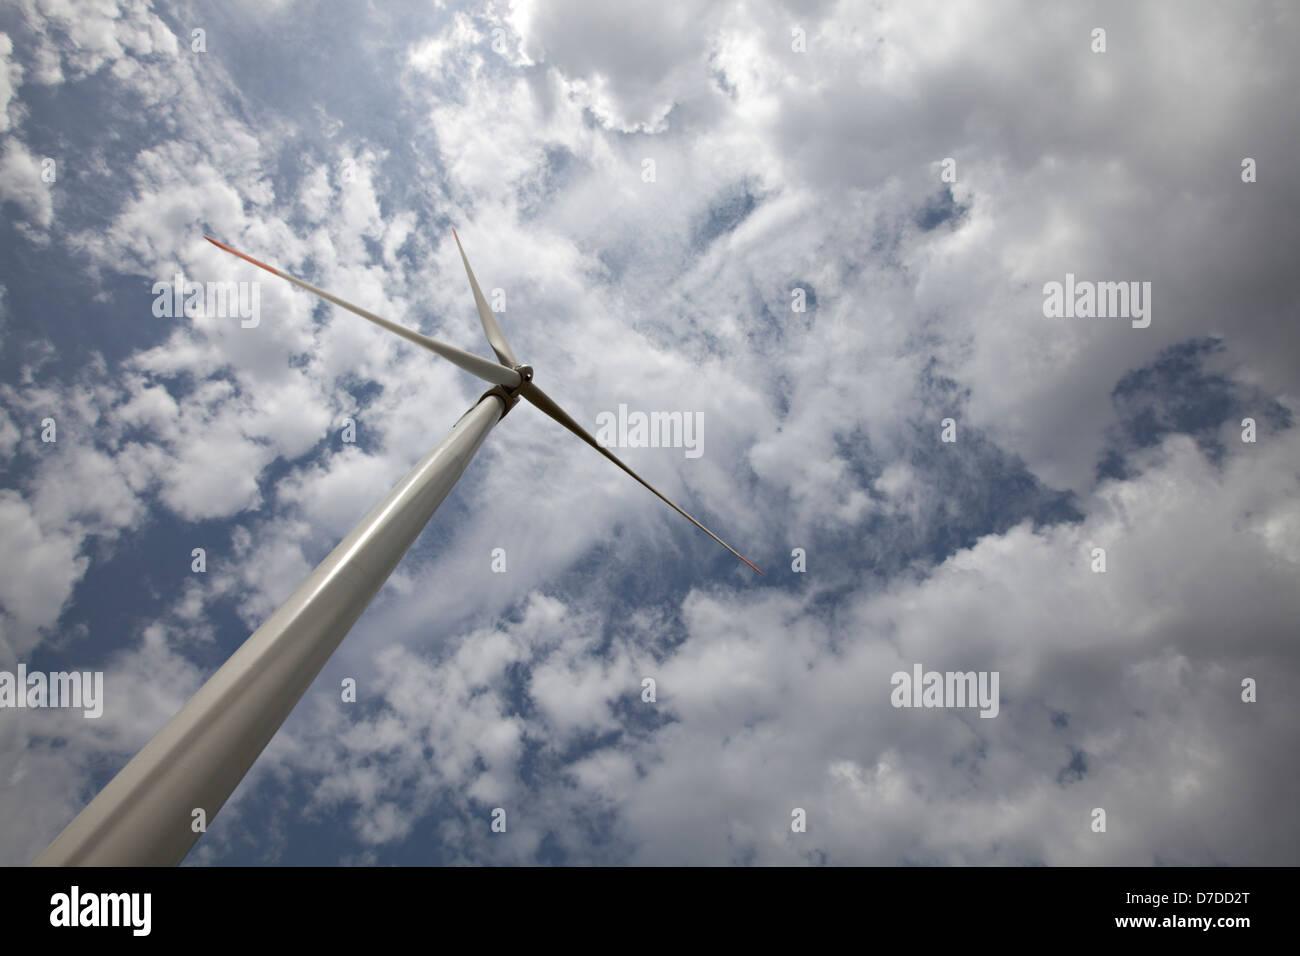 L'energia eolica turbina - Alternativa e fonte di energia verde Immagini Stock